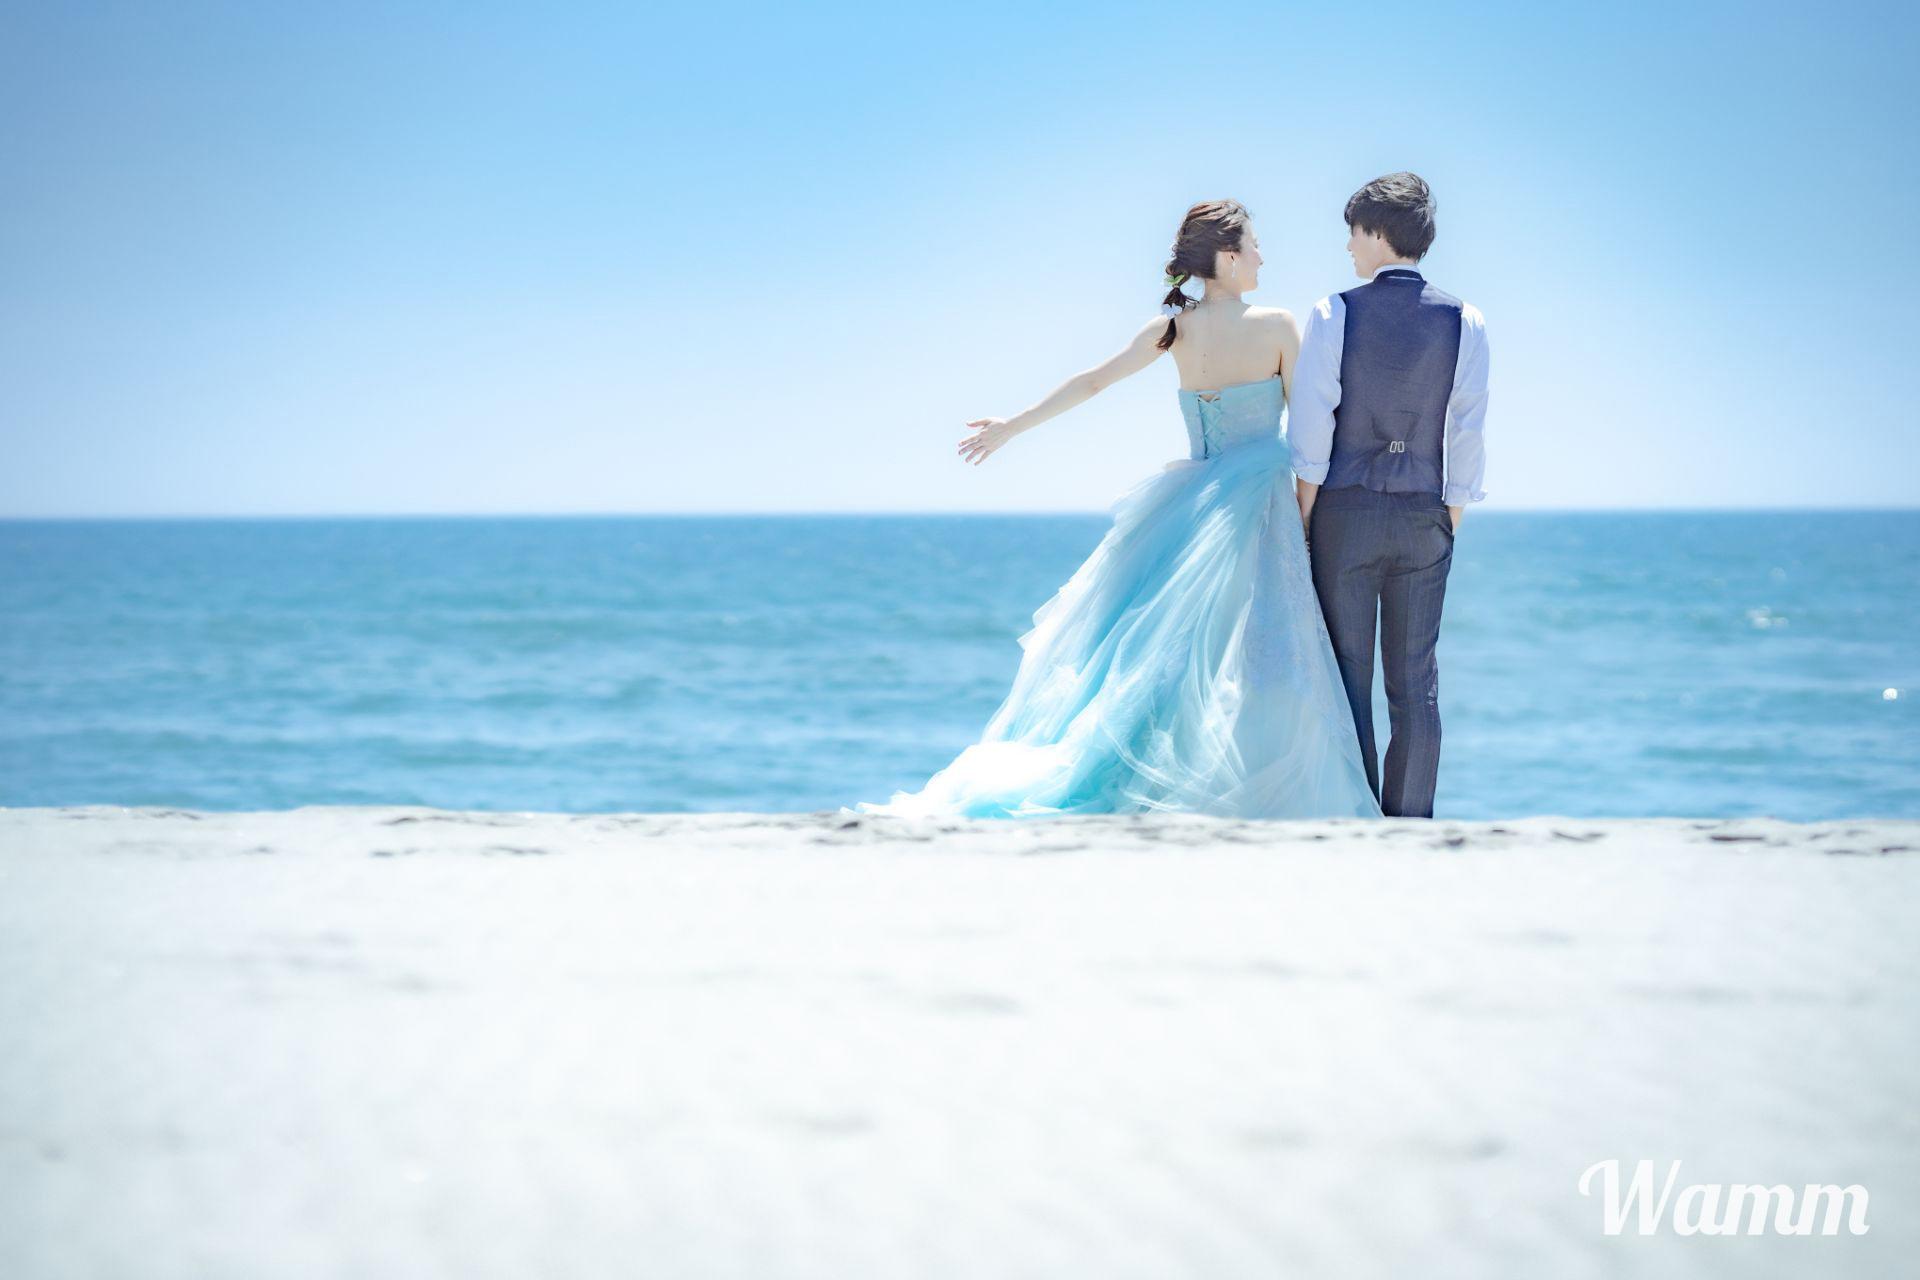 【湖西 白須賀海岸】水平線をみながら広い砂浜で撮影を あえて強い風を受けて、ドラマティックな一枚を